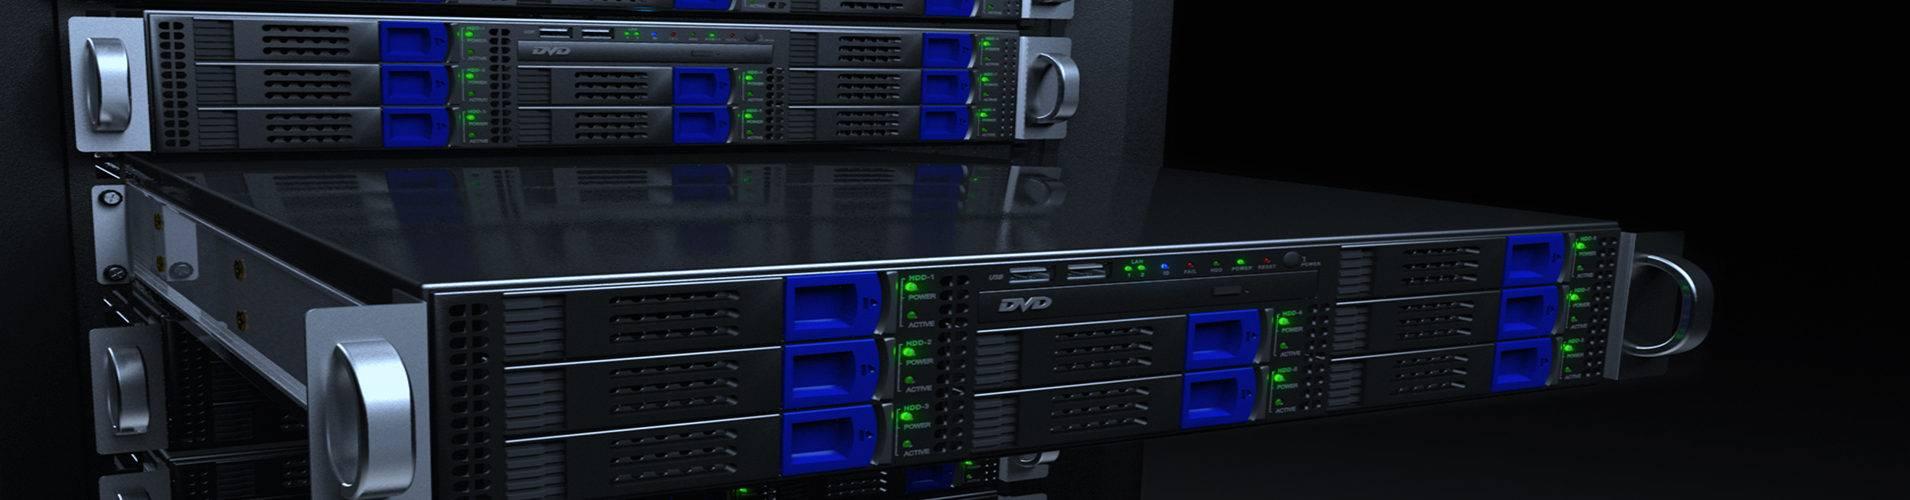 Зачем малому офису нужен сервер?